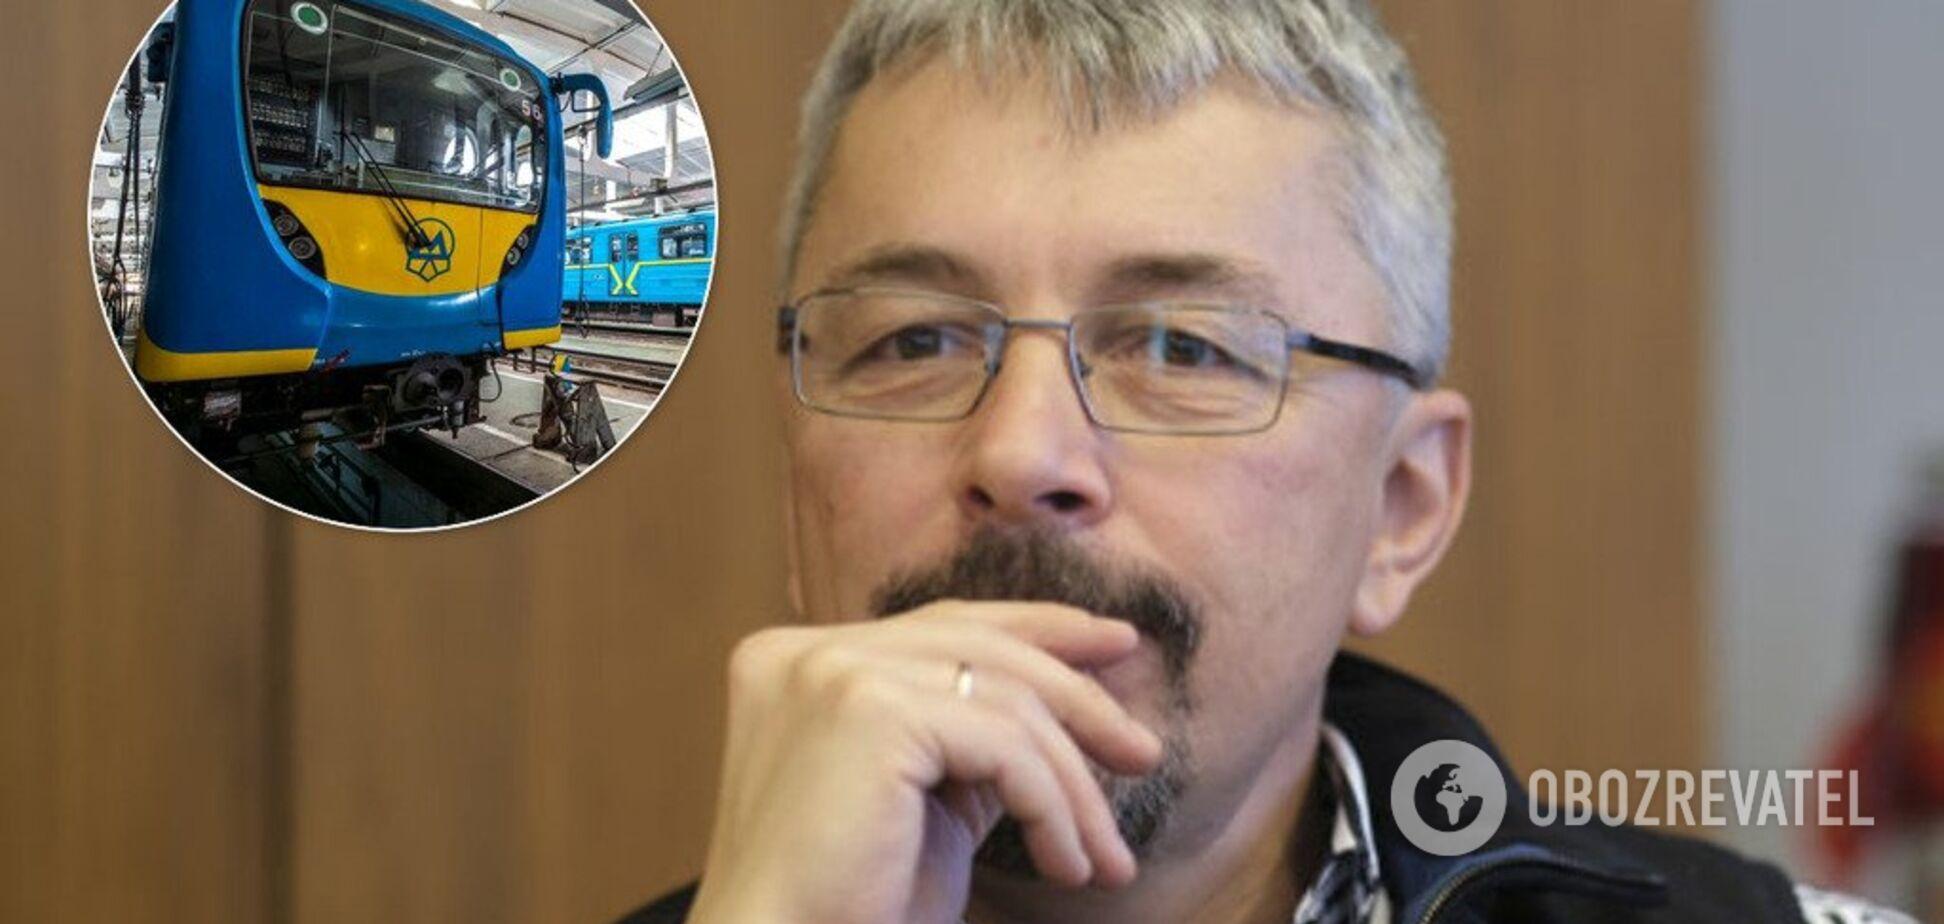 'Реально запустити до 2020 року!' Ткаченко представив проєкт наземного метро на Троєщину